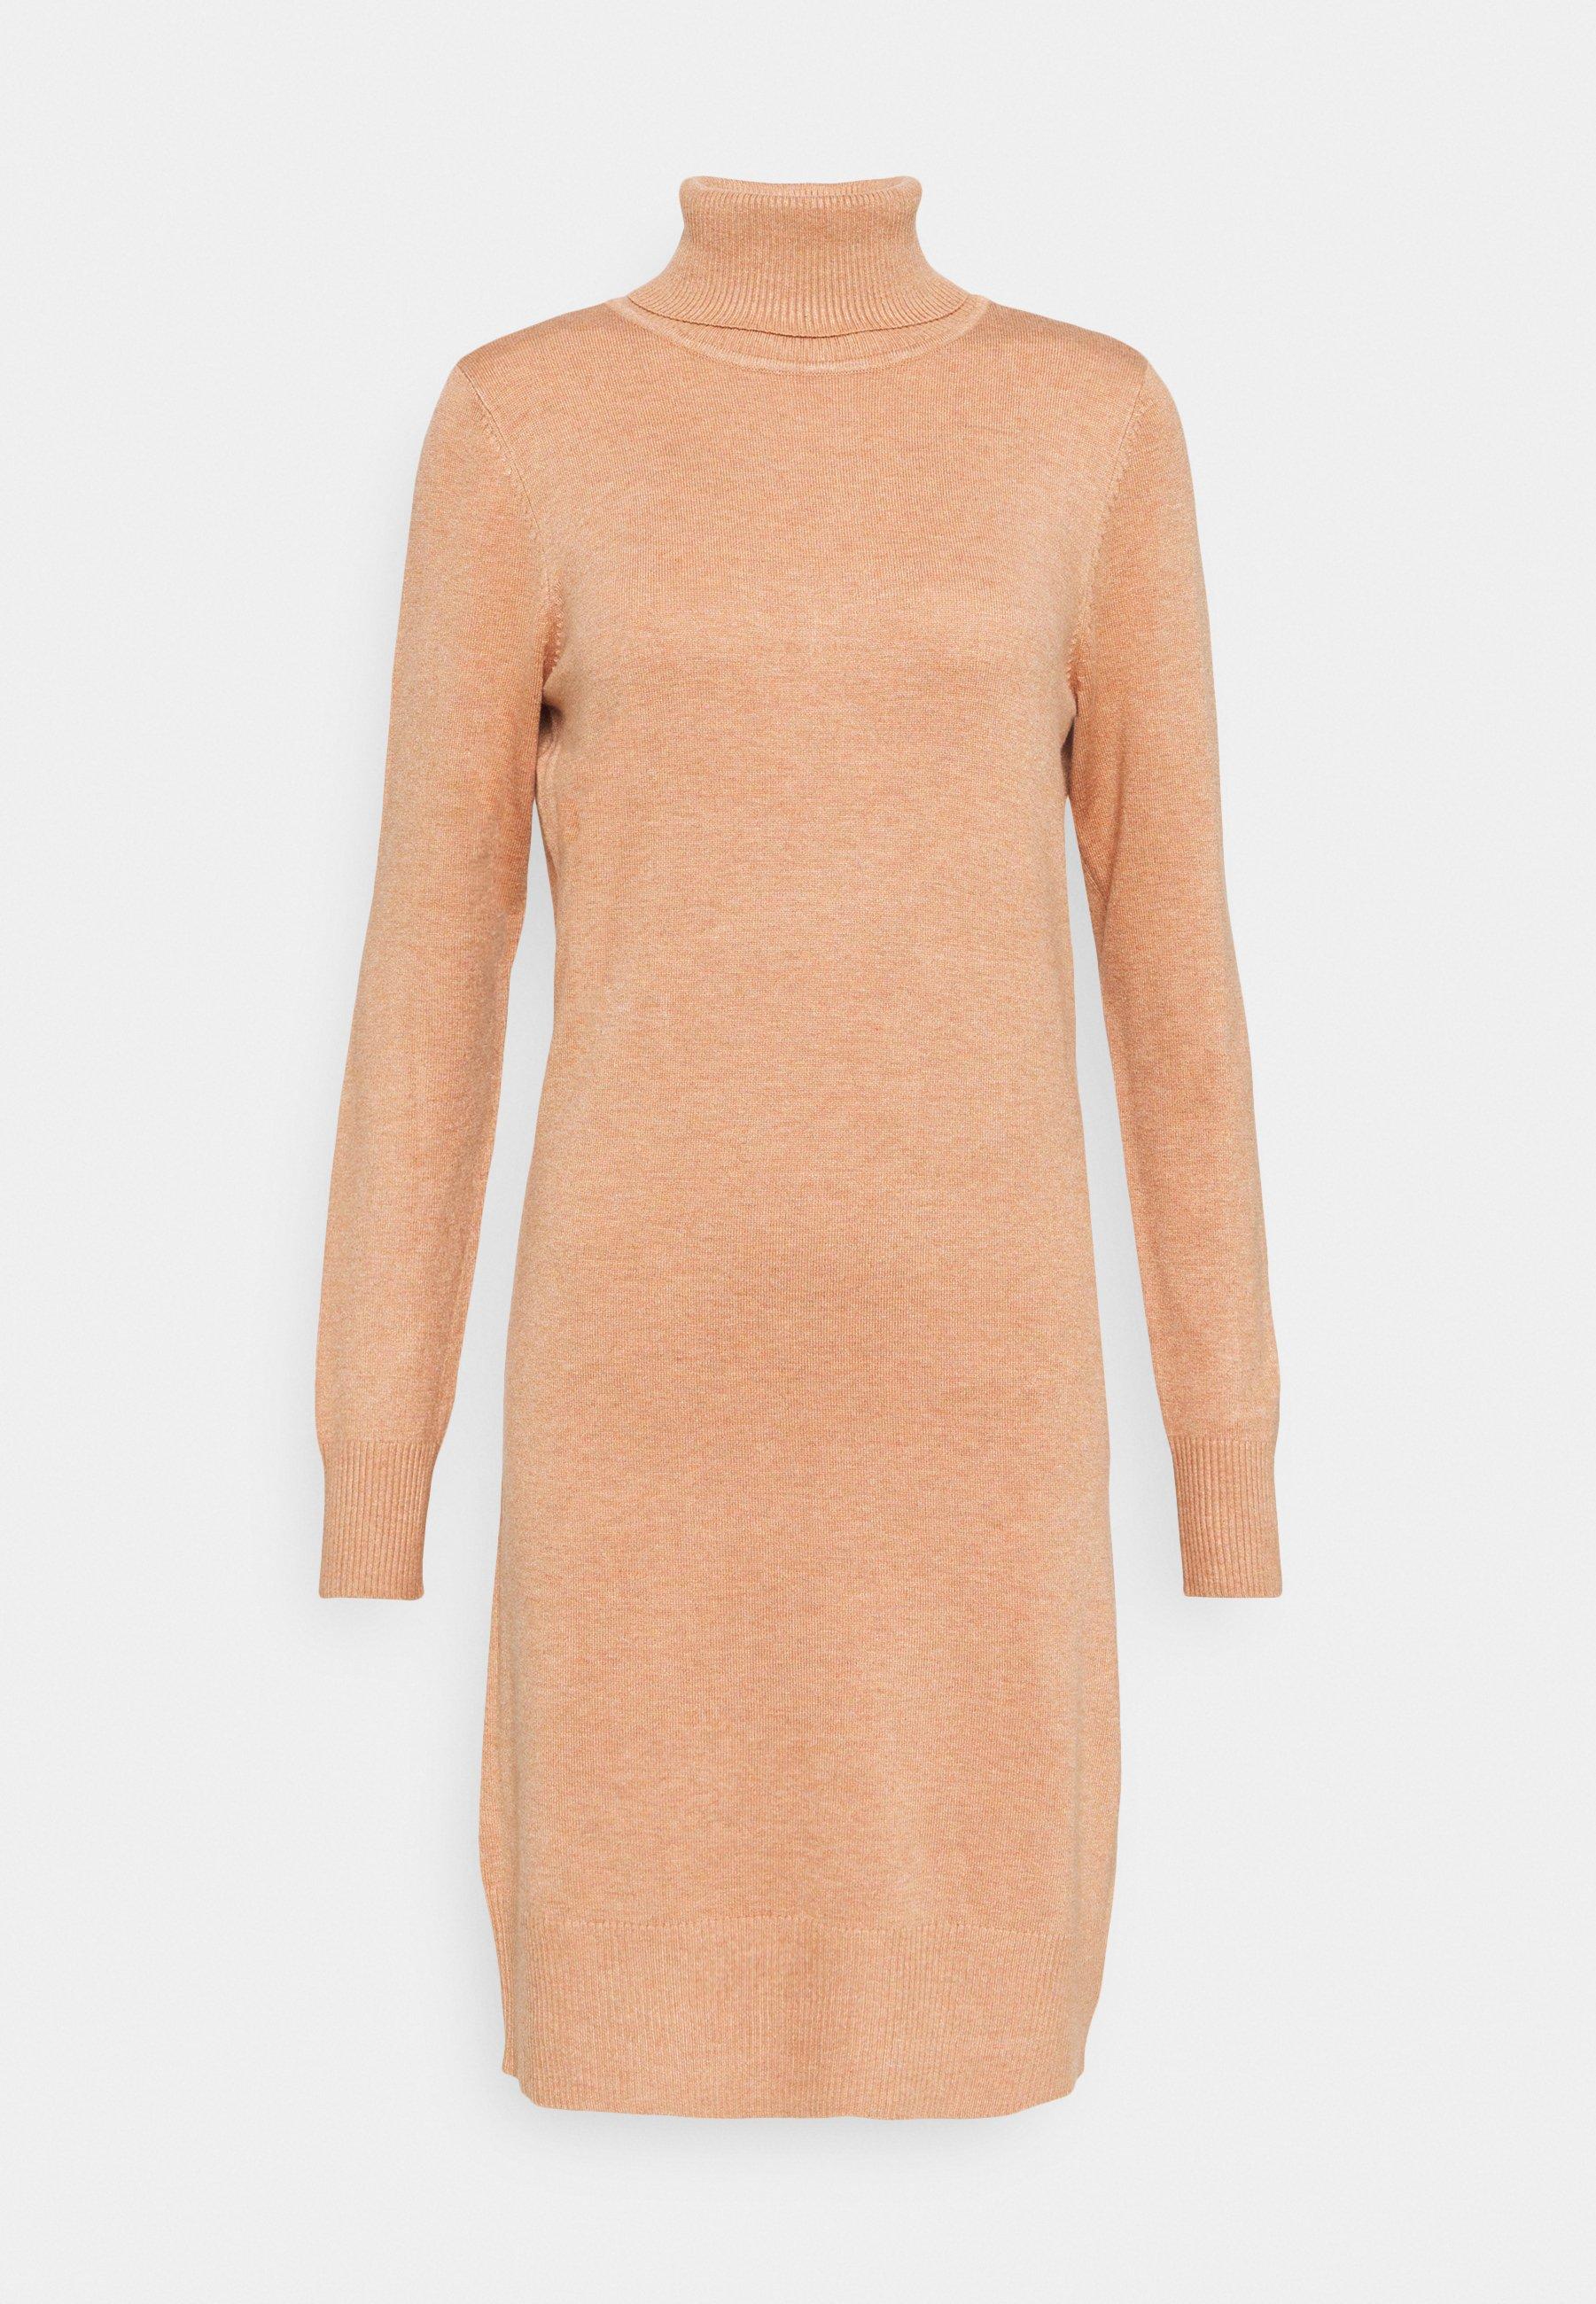 Esprit vestido señora marrón con cinturón np:79 festivo 95 € talla 42-44 XL-XXL Nuevo!!